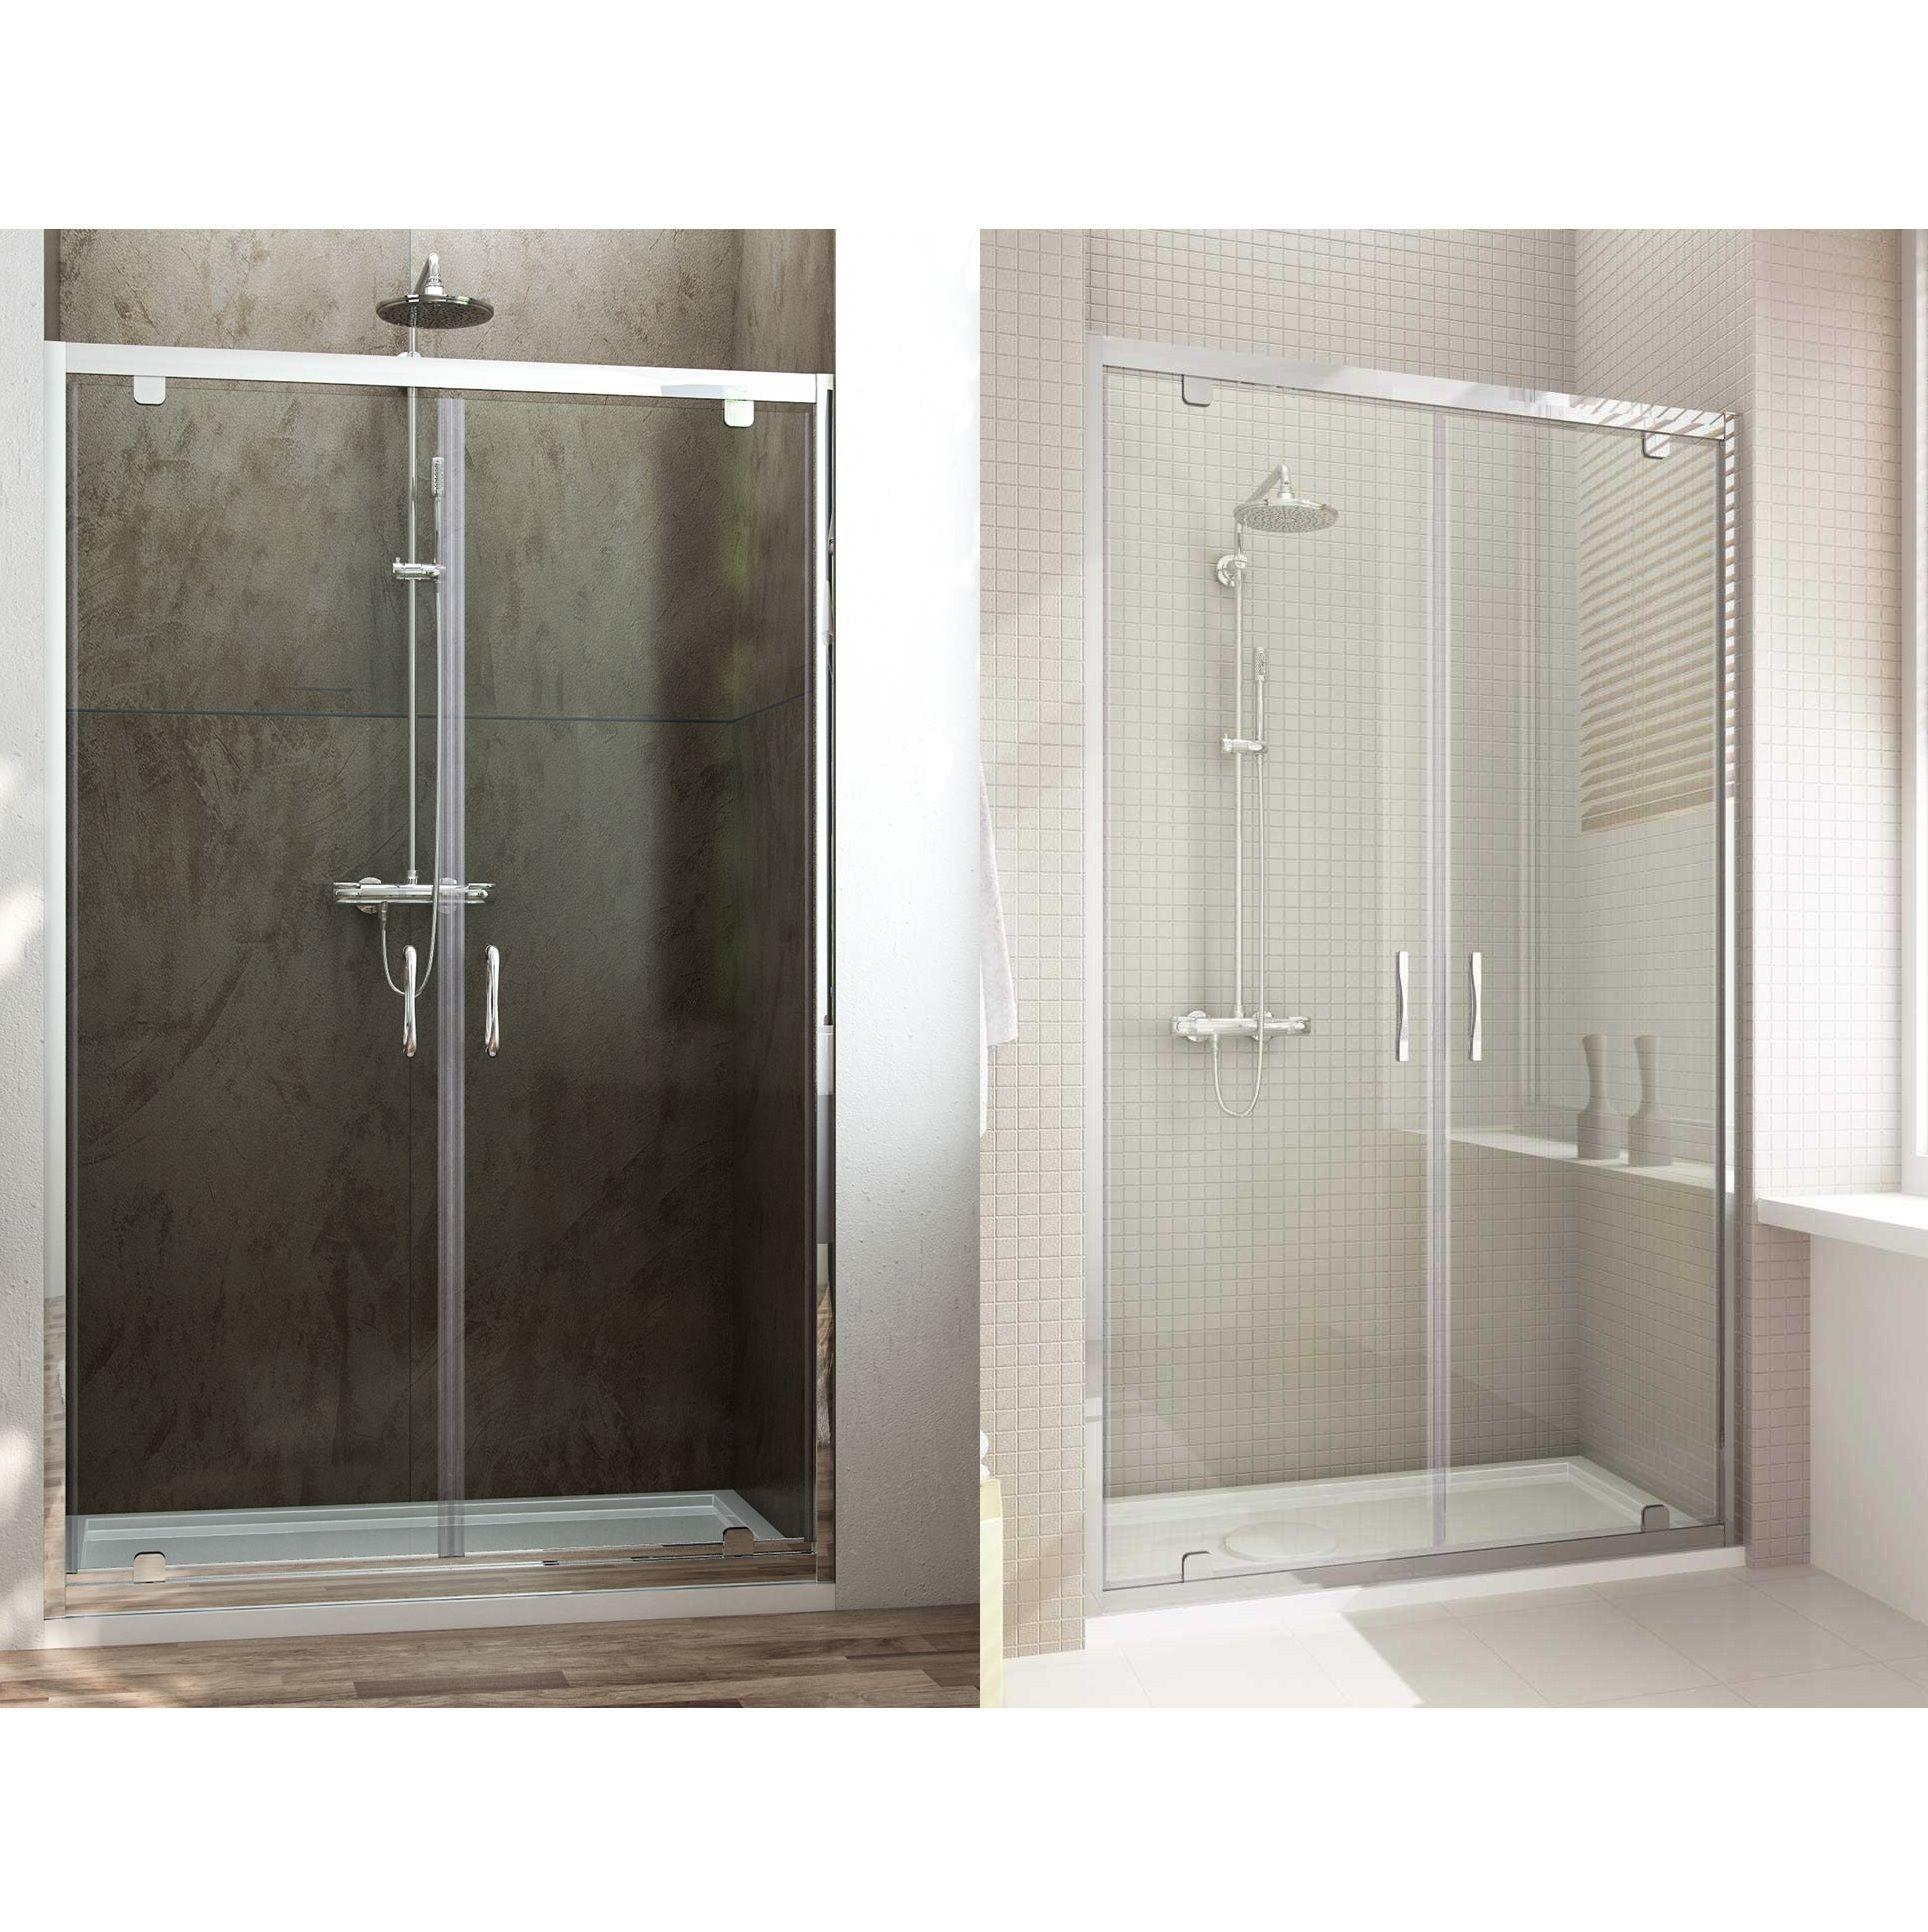 Porte doccia - Di tutti i tipi